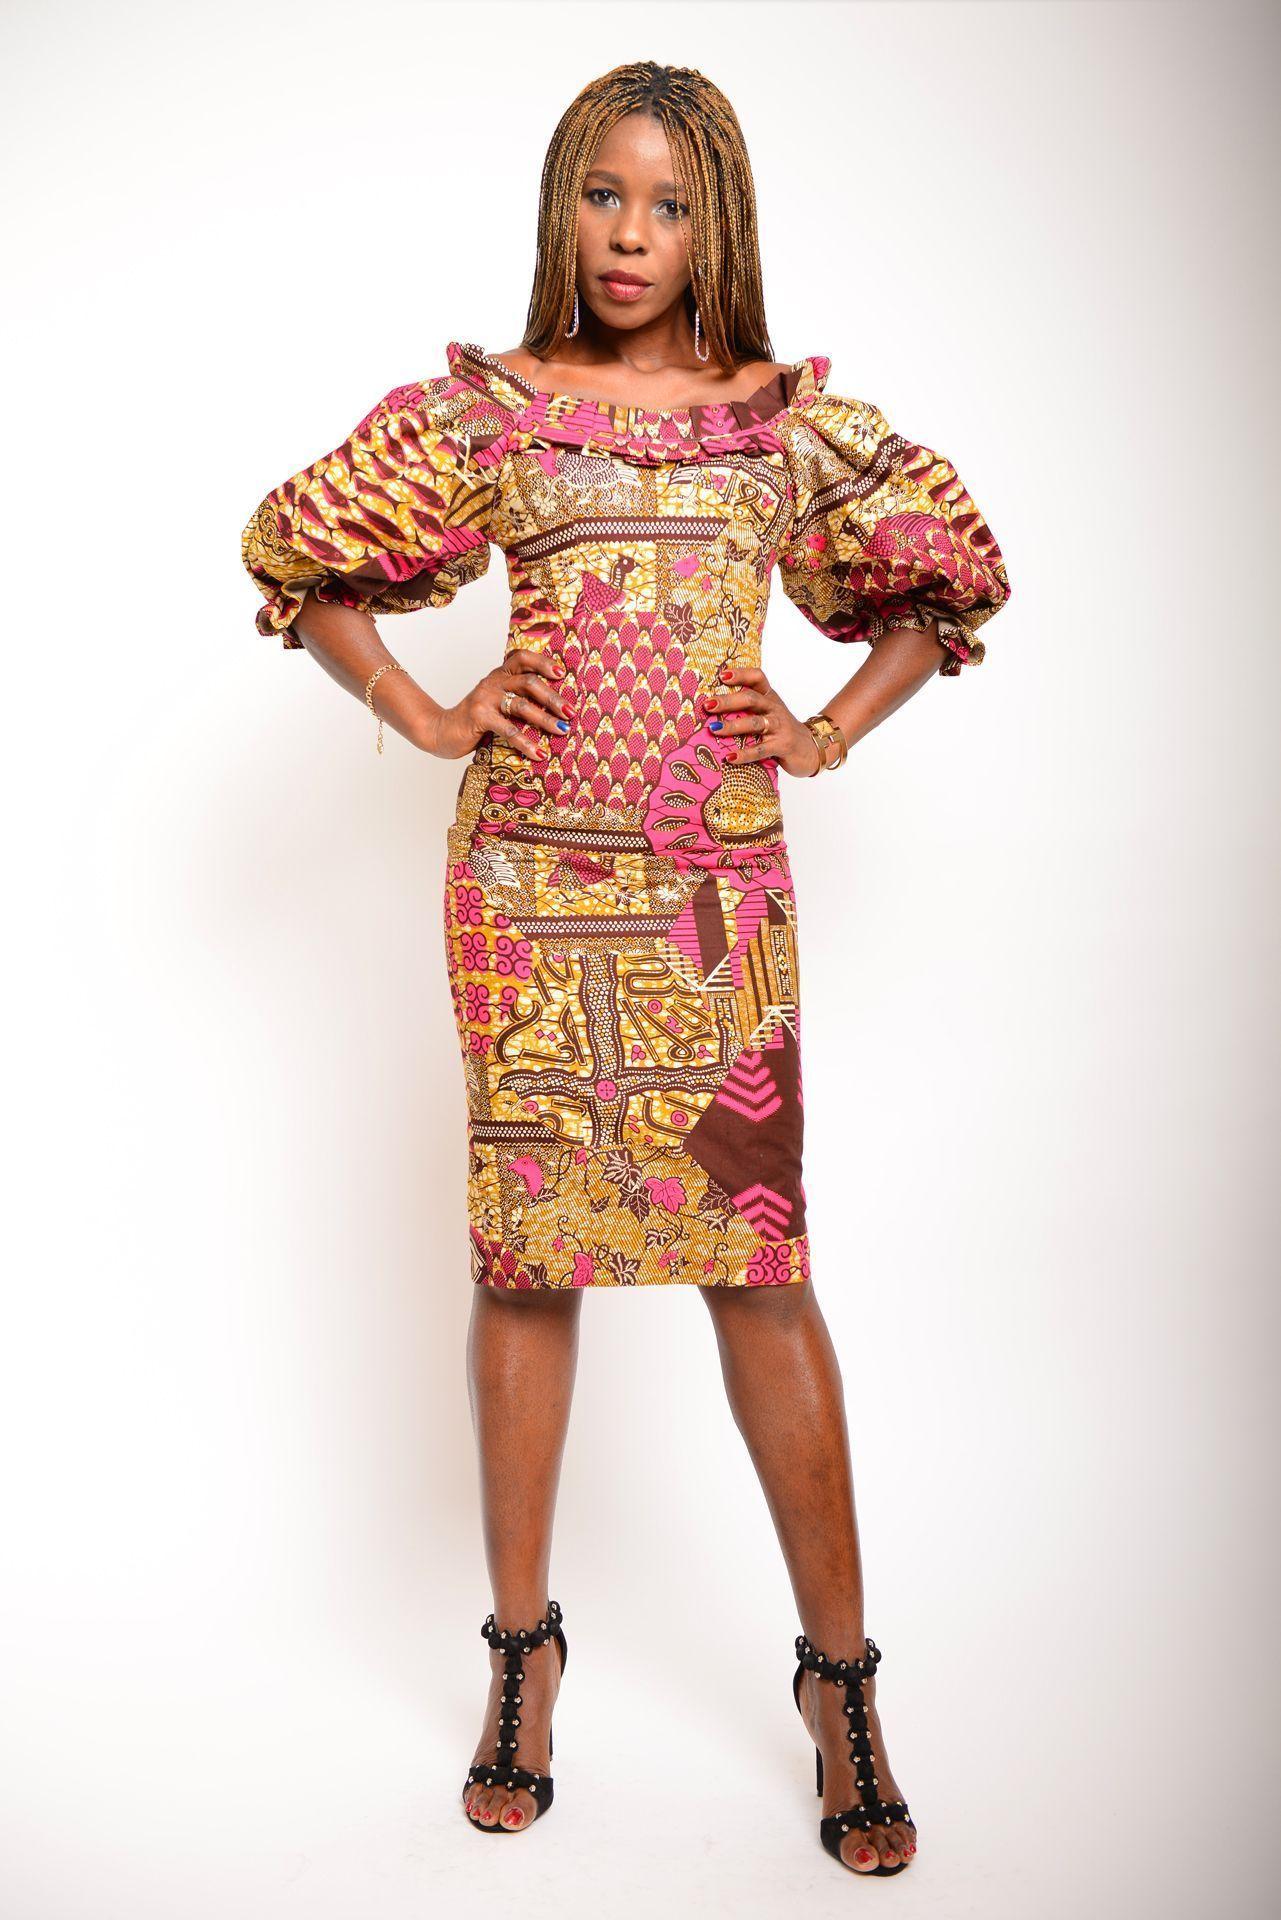 Afrikanisches Kleid Fibella #afrikanischeskleid Afrikanisches Kleid Fibella #afrikanischeskleid Afrikanisches Kleid Fibella #afrikanischeskleid Afrikanisches Kleid Fibella #afrikanischeskleid Afrikanisches Kleid Fibella #afrikanischeskleid Afrikanisches Kleid Fibella #afrikanischeskleid Afrikanisches Kleid Fibella #afrikanischeskleid Afrikanisches Kleid Fibella #afrikanischeskleid